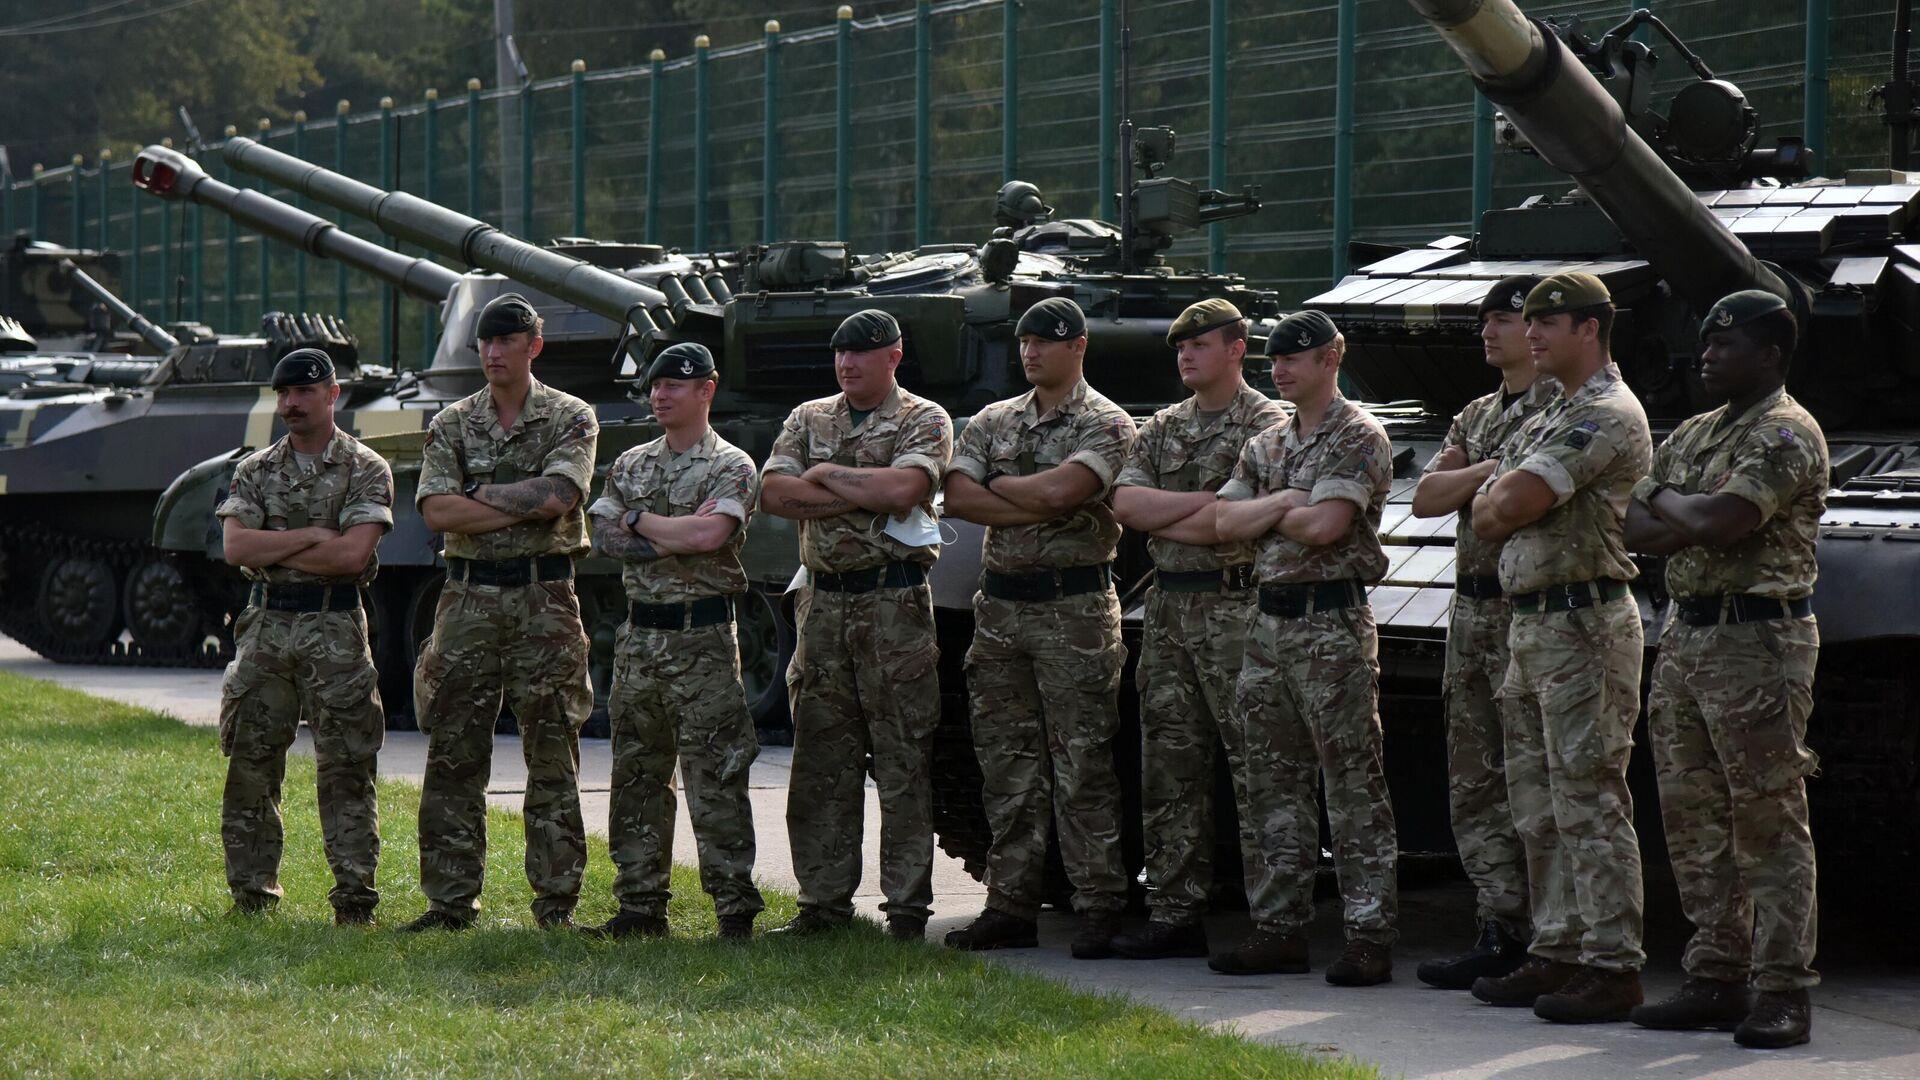 Военнослужащие Великобритании перед началом церемонии открытия совместных военных учений Украины и стран НАТО Rapid Trident-2020 на Яворском полигоне во Львовской области - РИА Новости, 1920, 10.06.2021